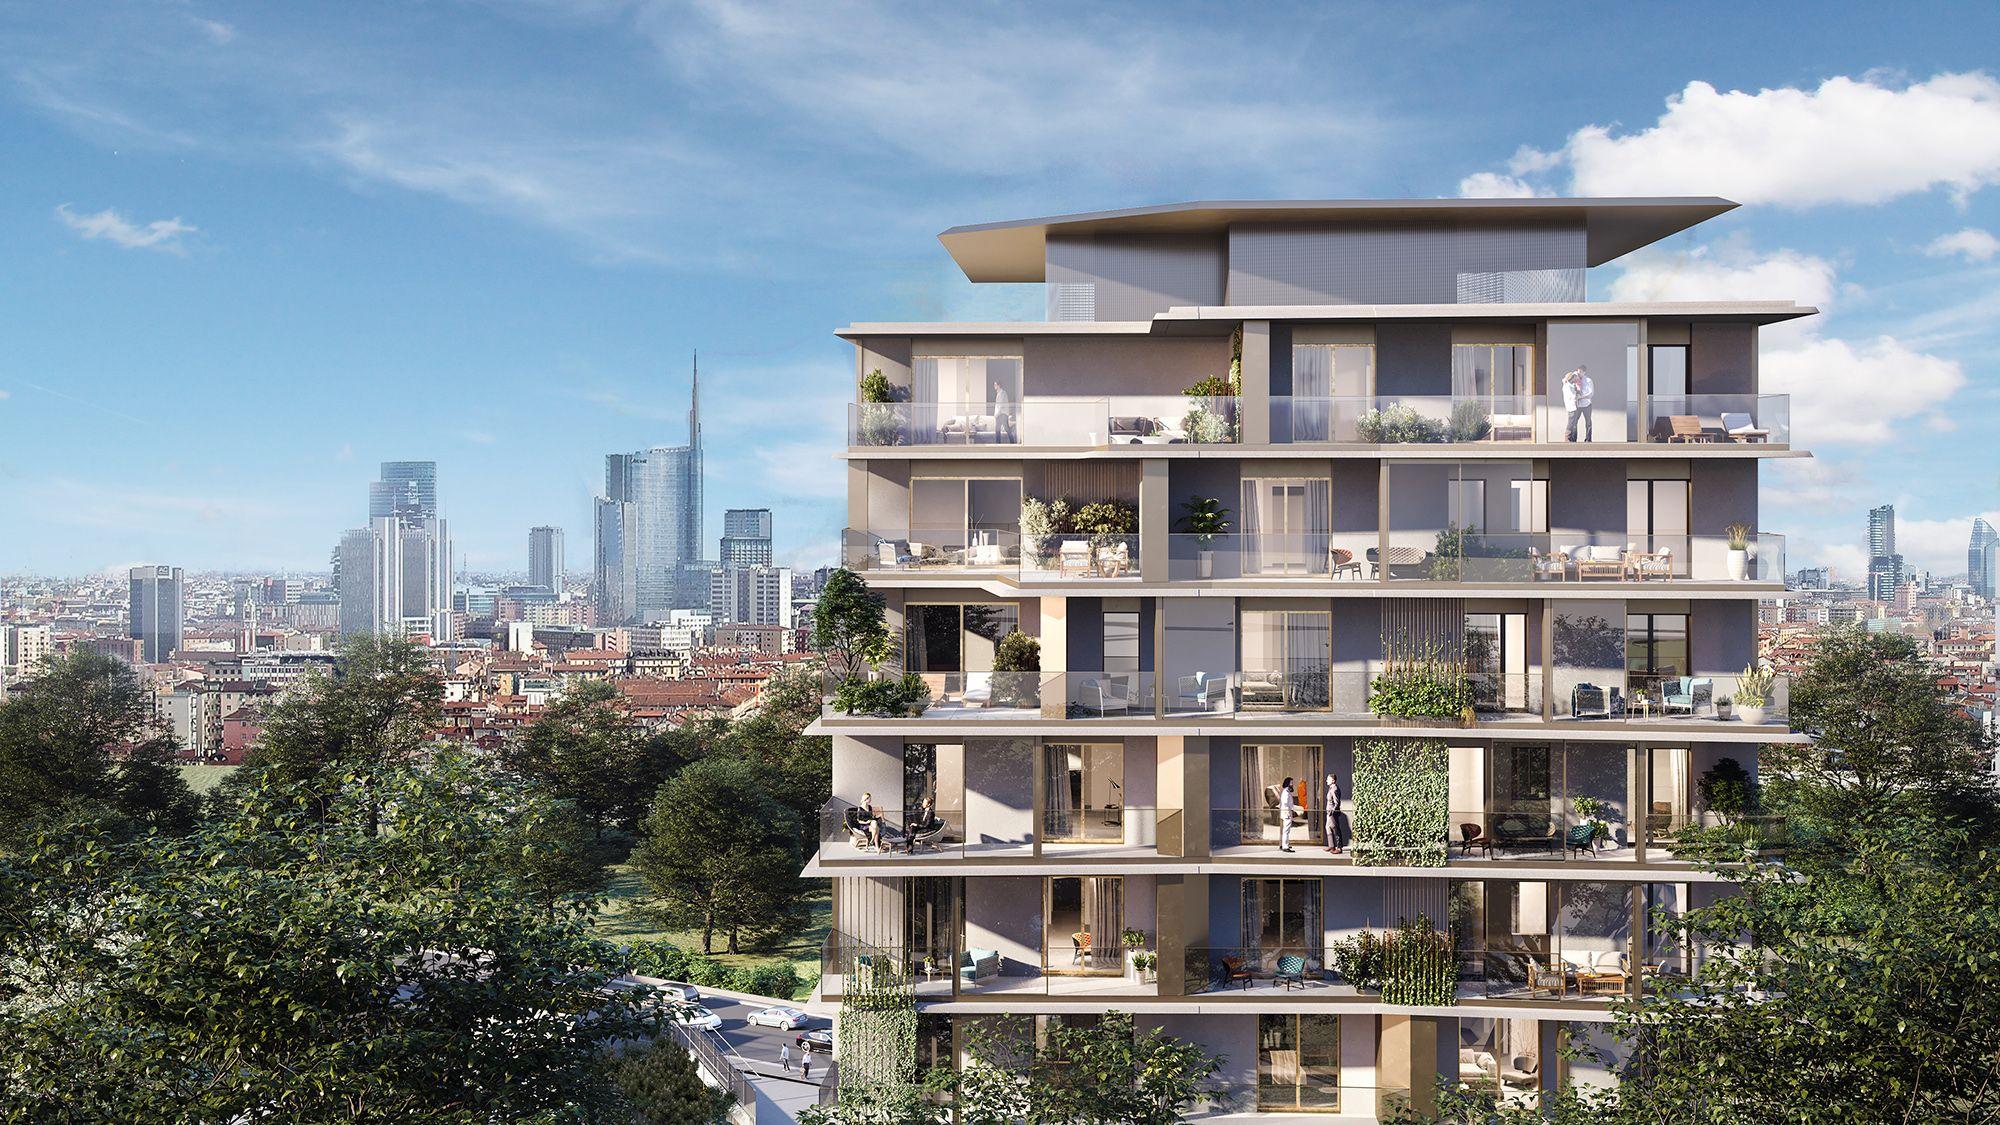 Milano Citta Globale Uptown E Uno Dei Motori Di Sviluppo Euromilano